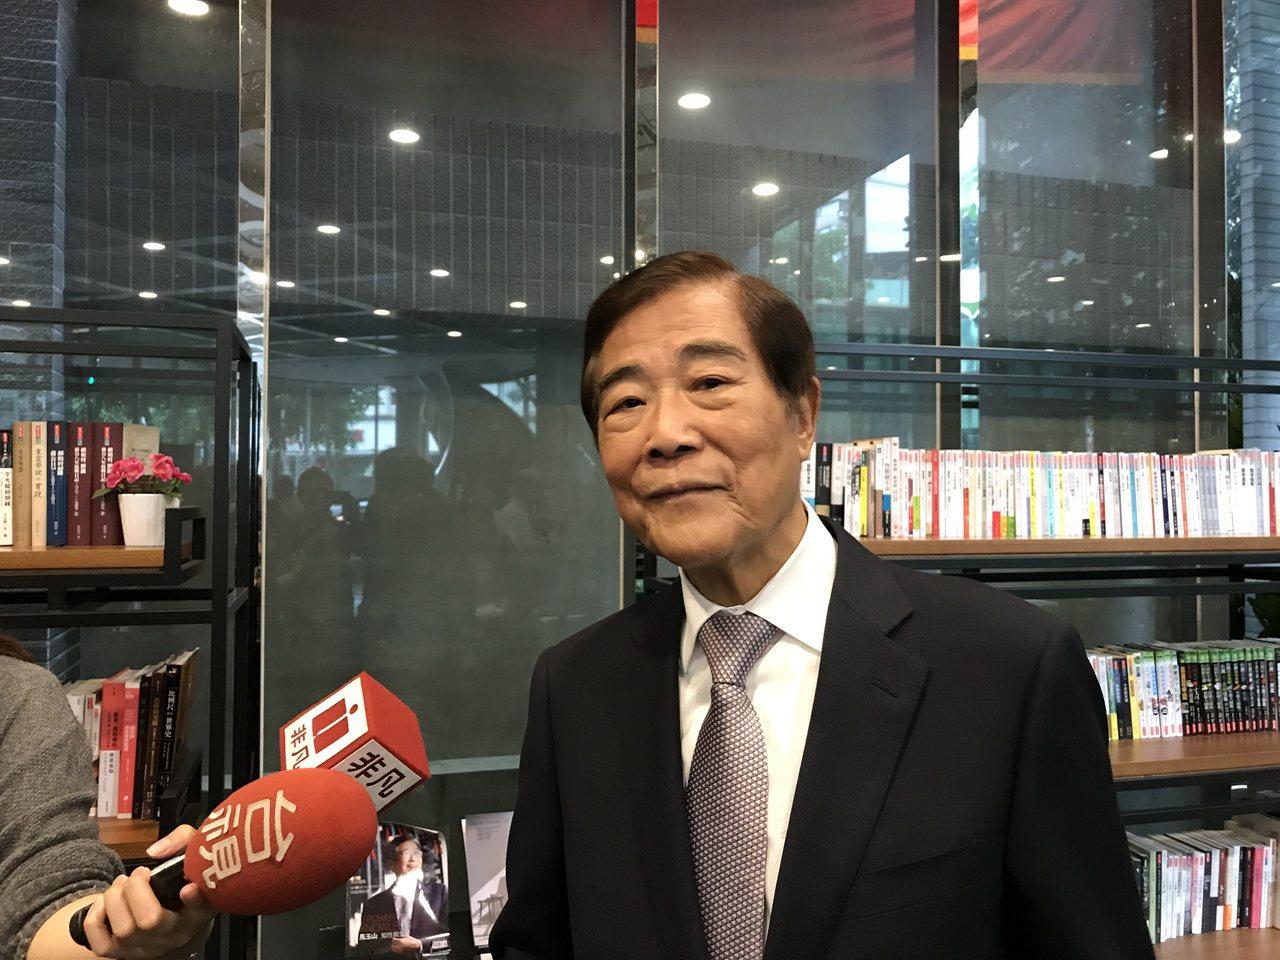 冠德建設董事長馬玉山   記者游智文/攝影